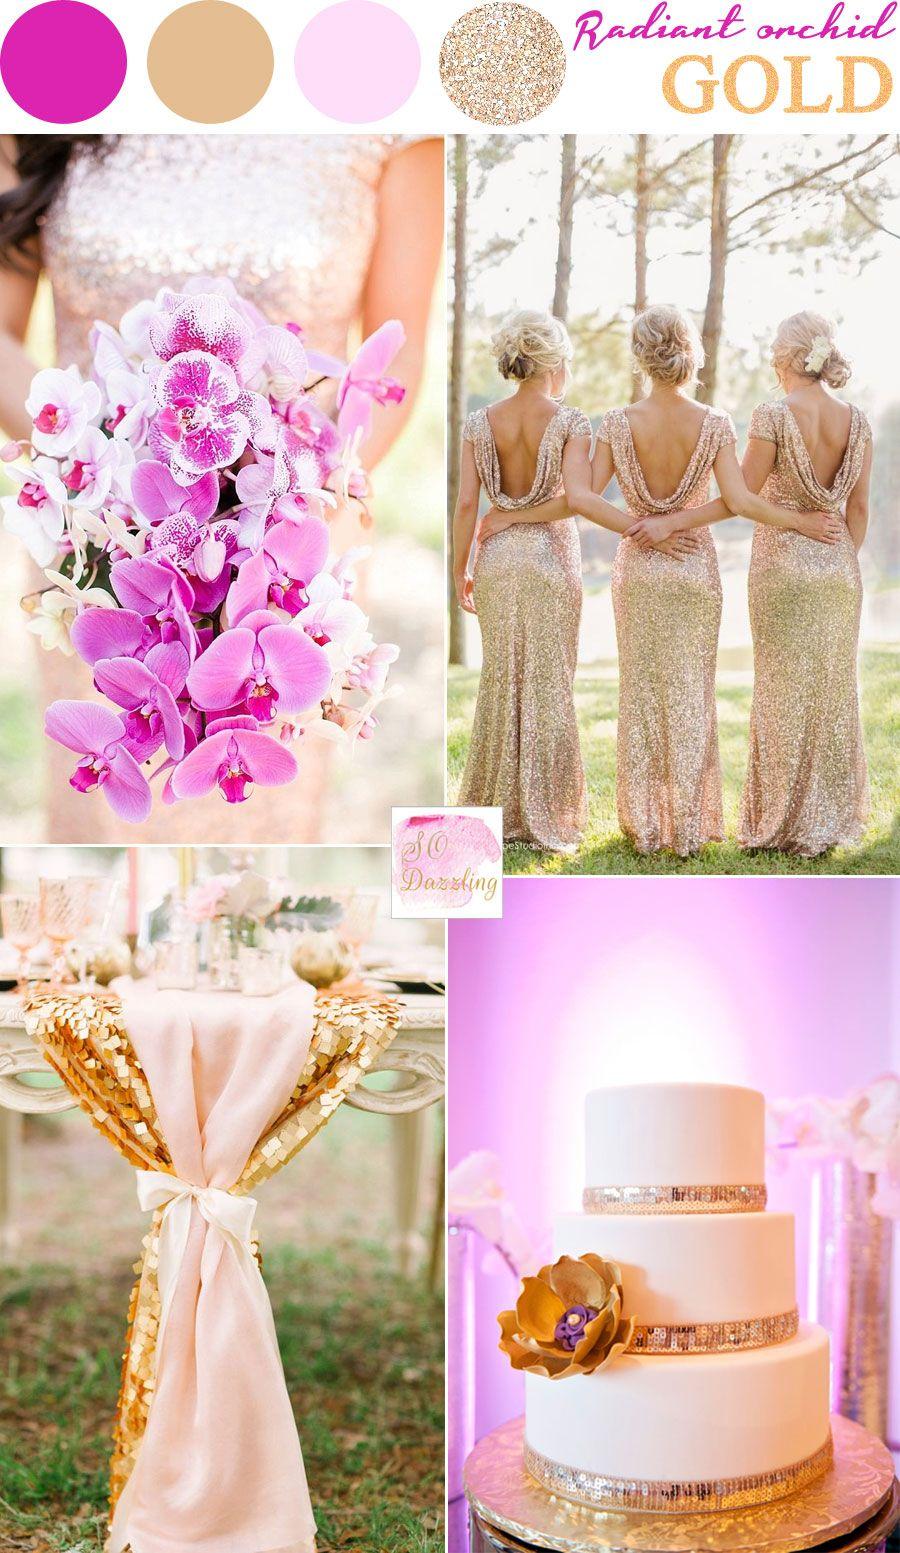 งานแต่งสีม่วง ผสม สีทอง { Radiant Orchid+ Gold } | Beautiful ...